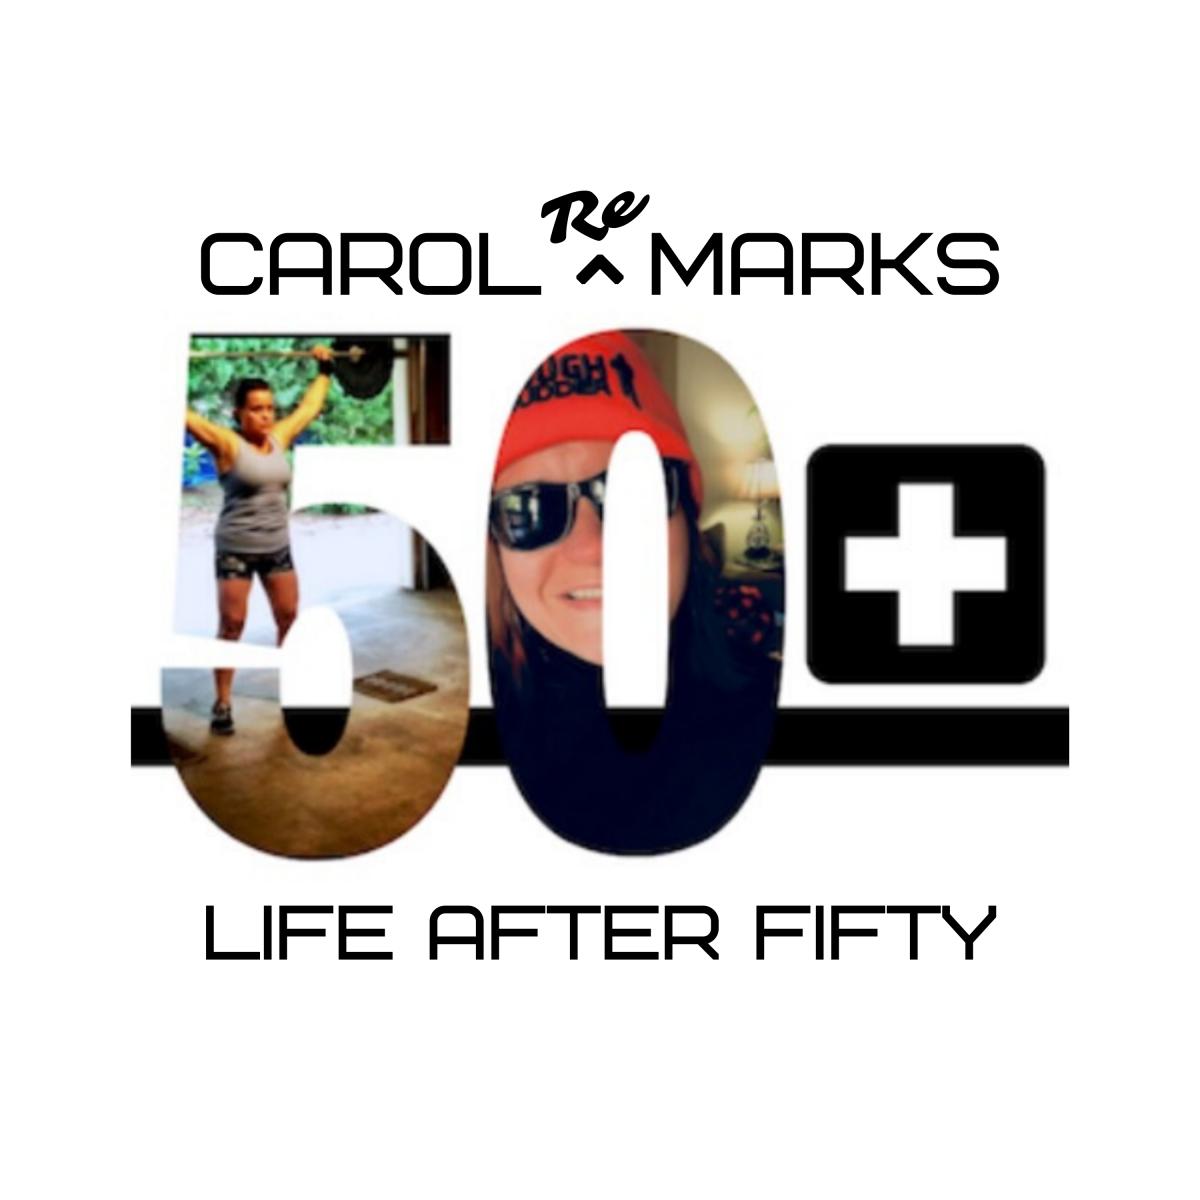 Episode 1, Carol ReMarks Podcast